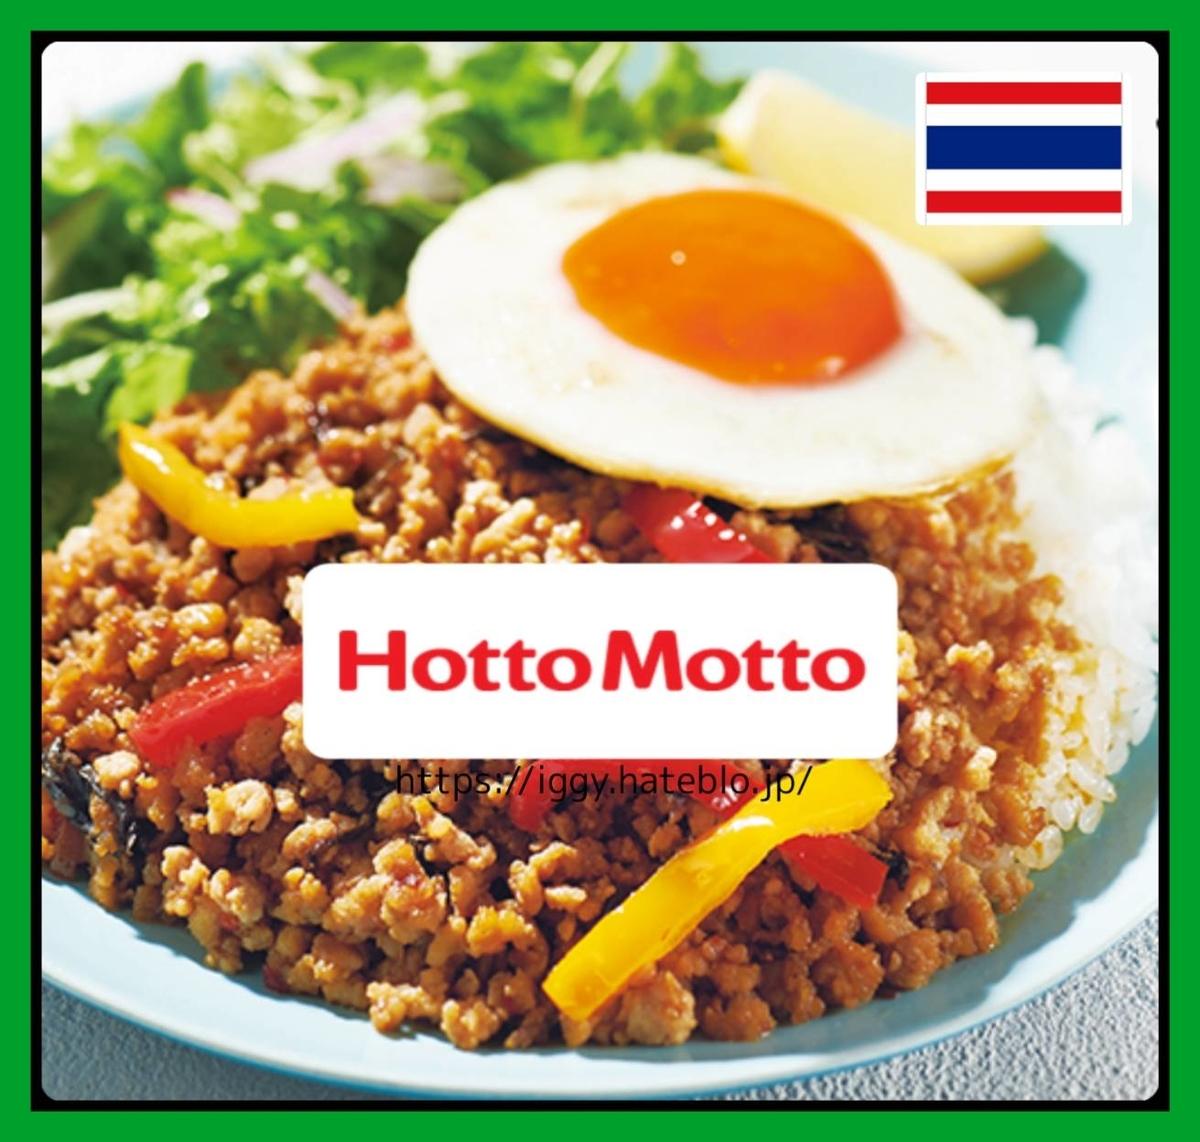 ほっともっと 新発売 タイ料理「ガパオライス」 期間限定メニュー LIFE